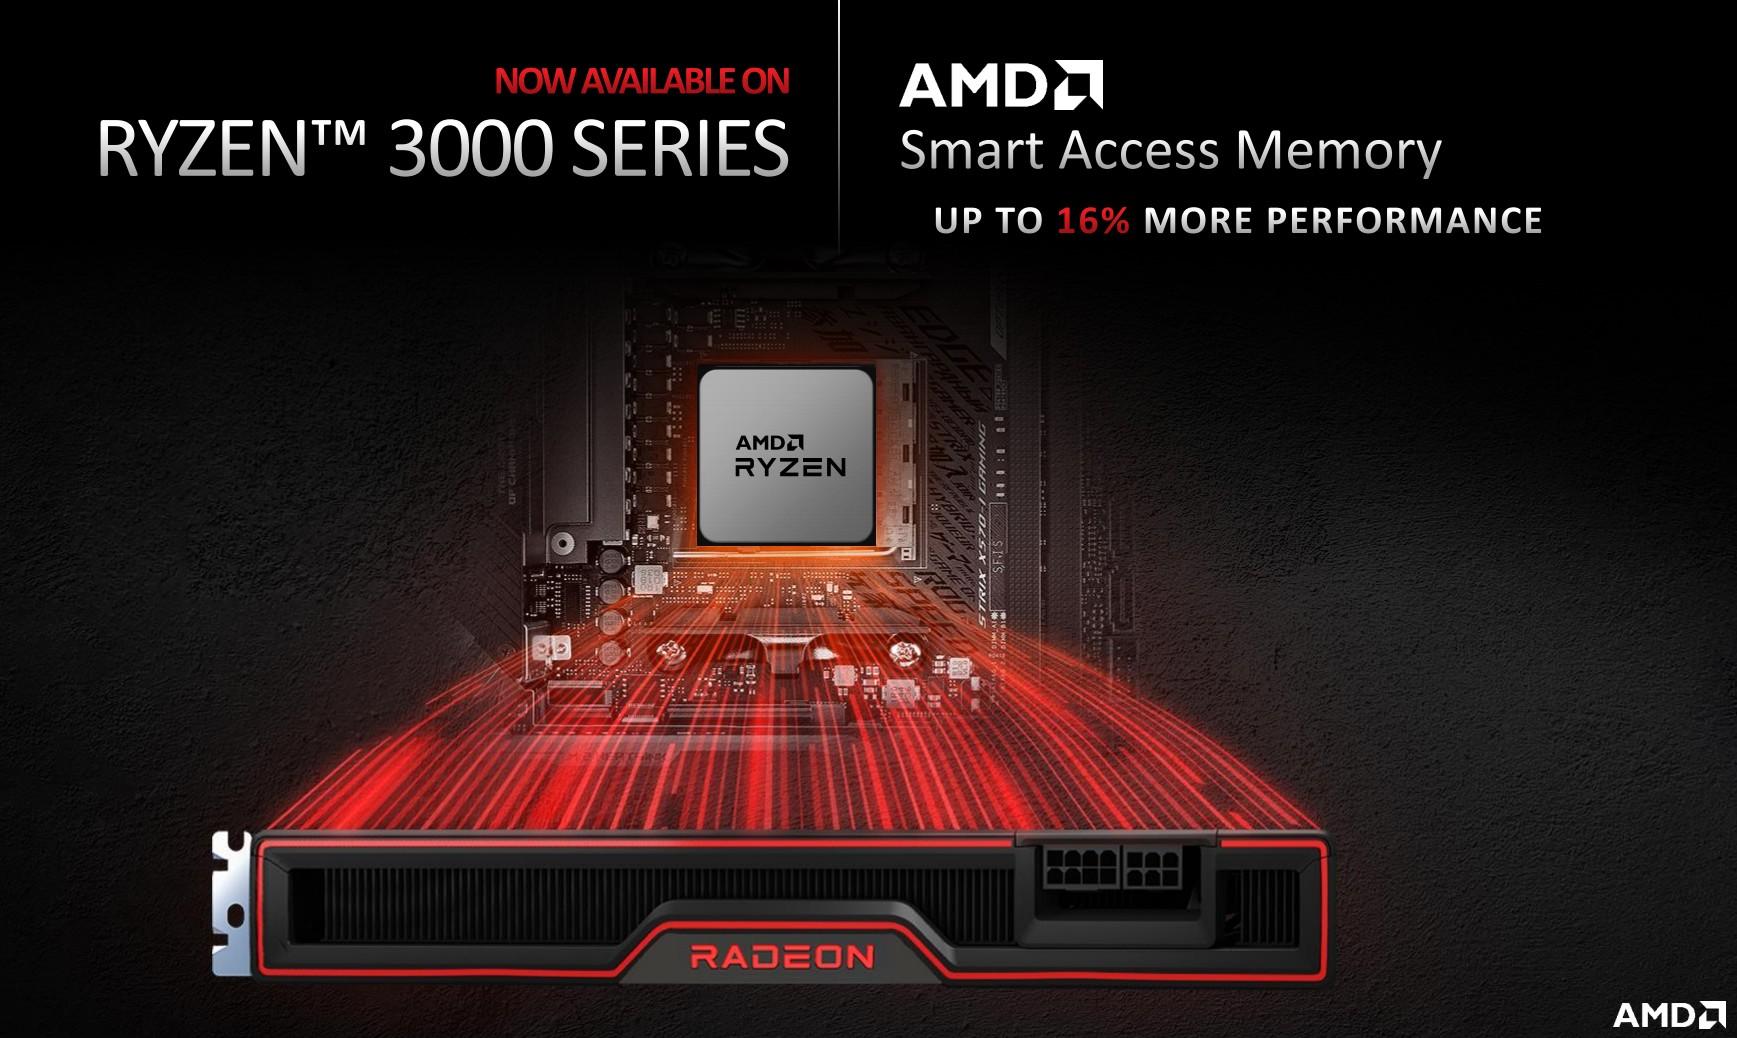 AMD, Ryzen 3000 işlemcilerde Smart Access Memory teknolojisini kullanacak